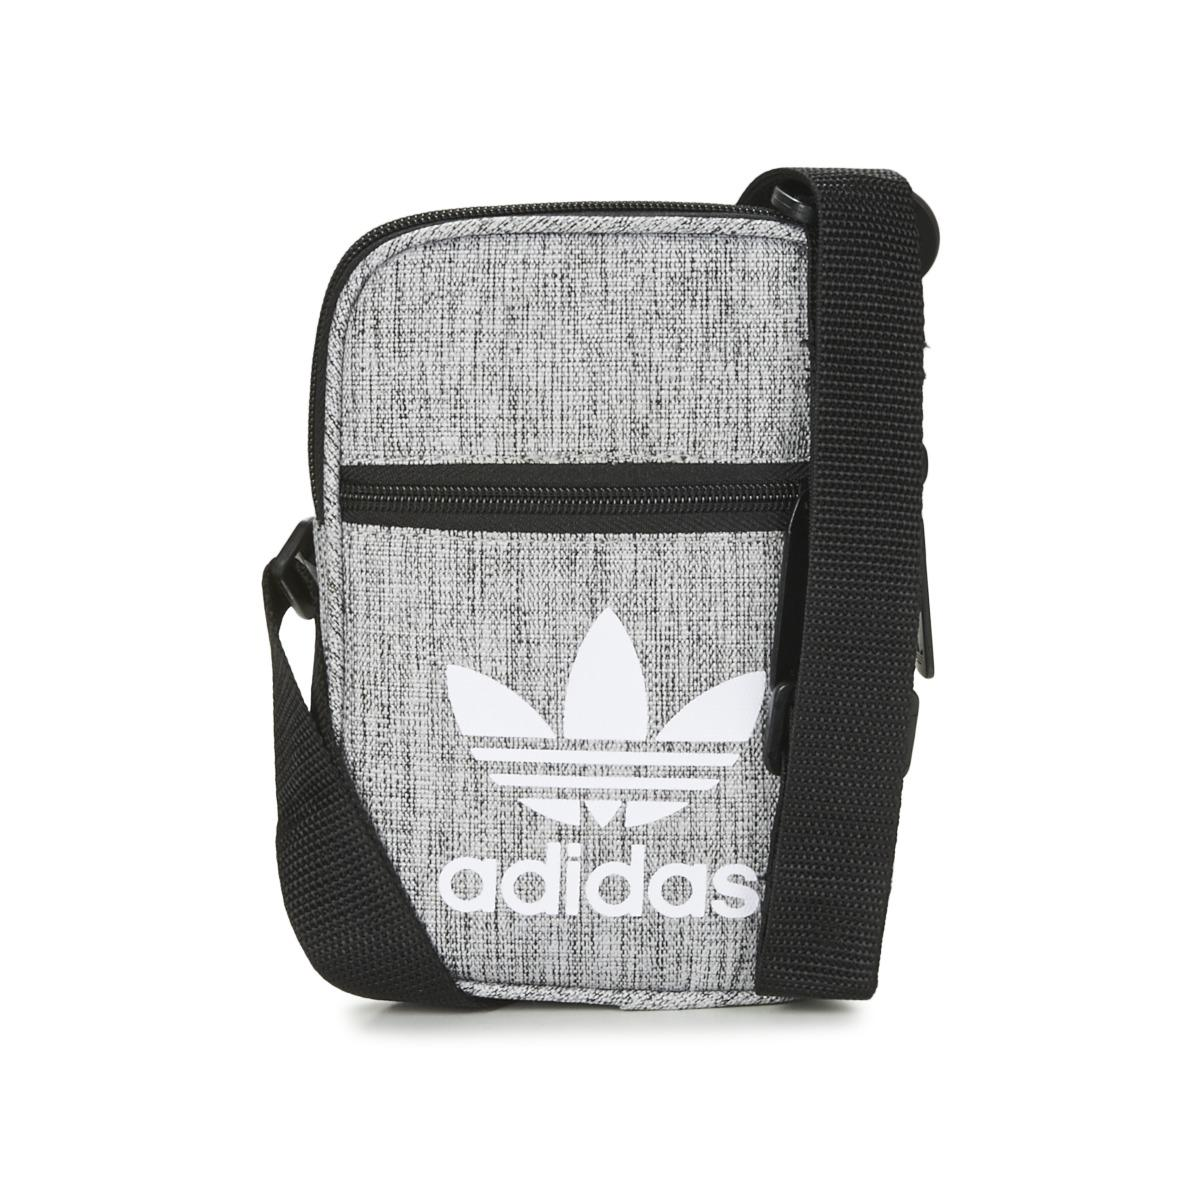 387dd6403b54 adidas Festival Bag Women s Pouch In Grey in Gray - Lyst